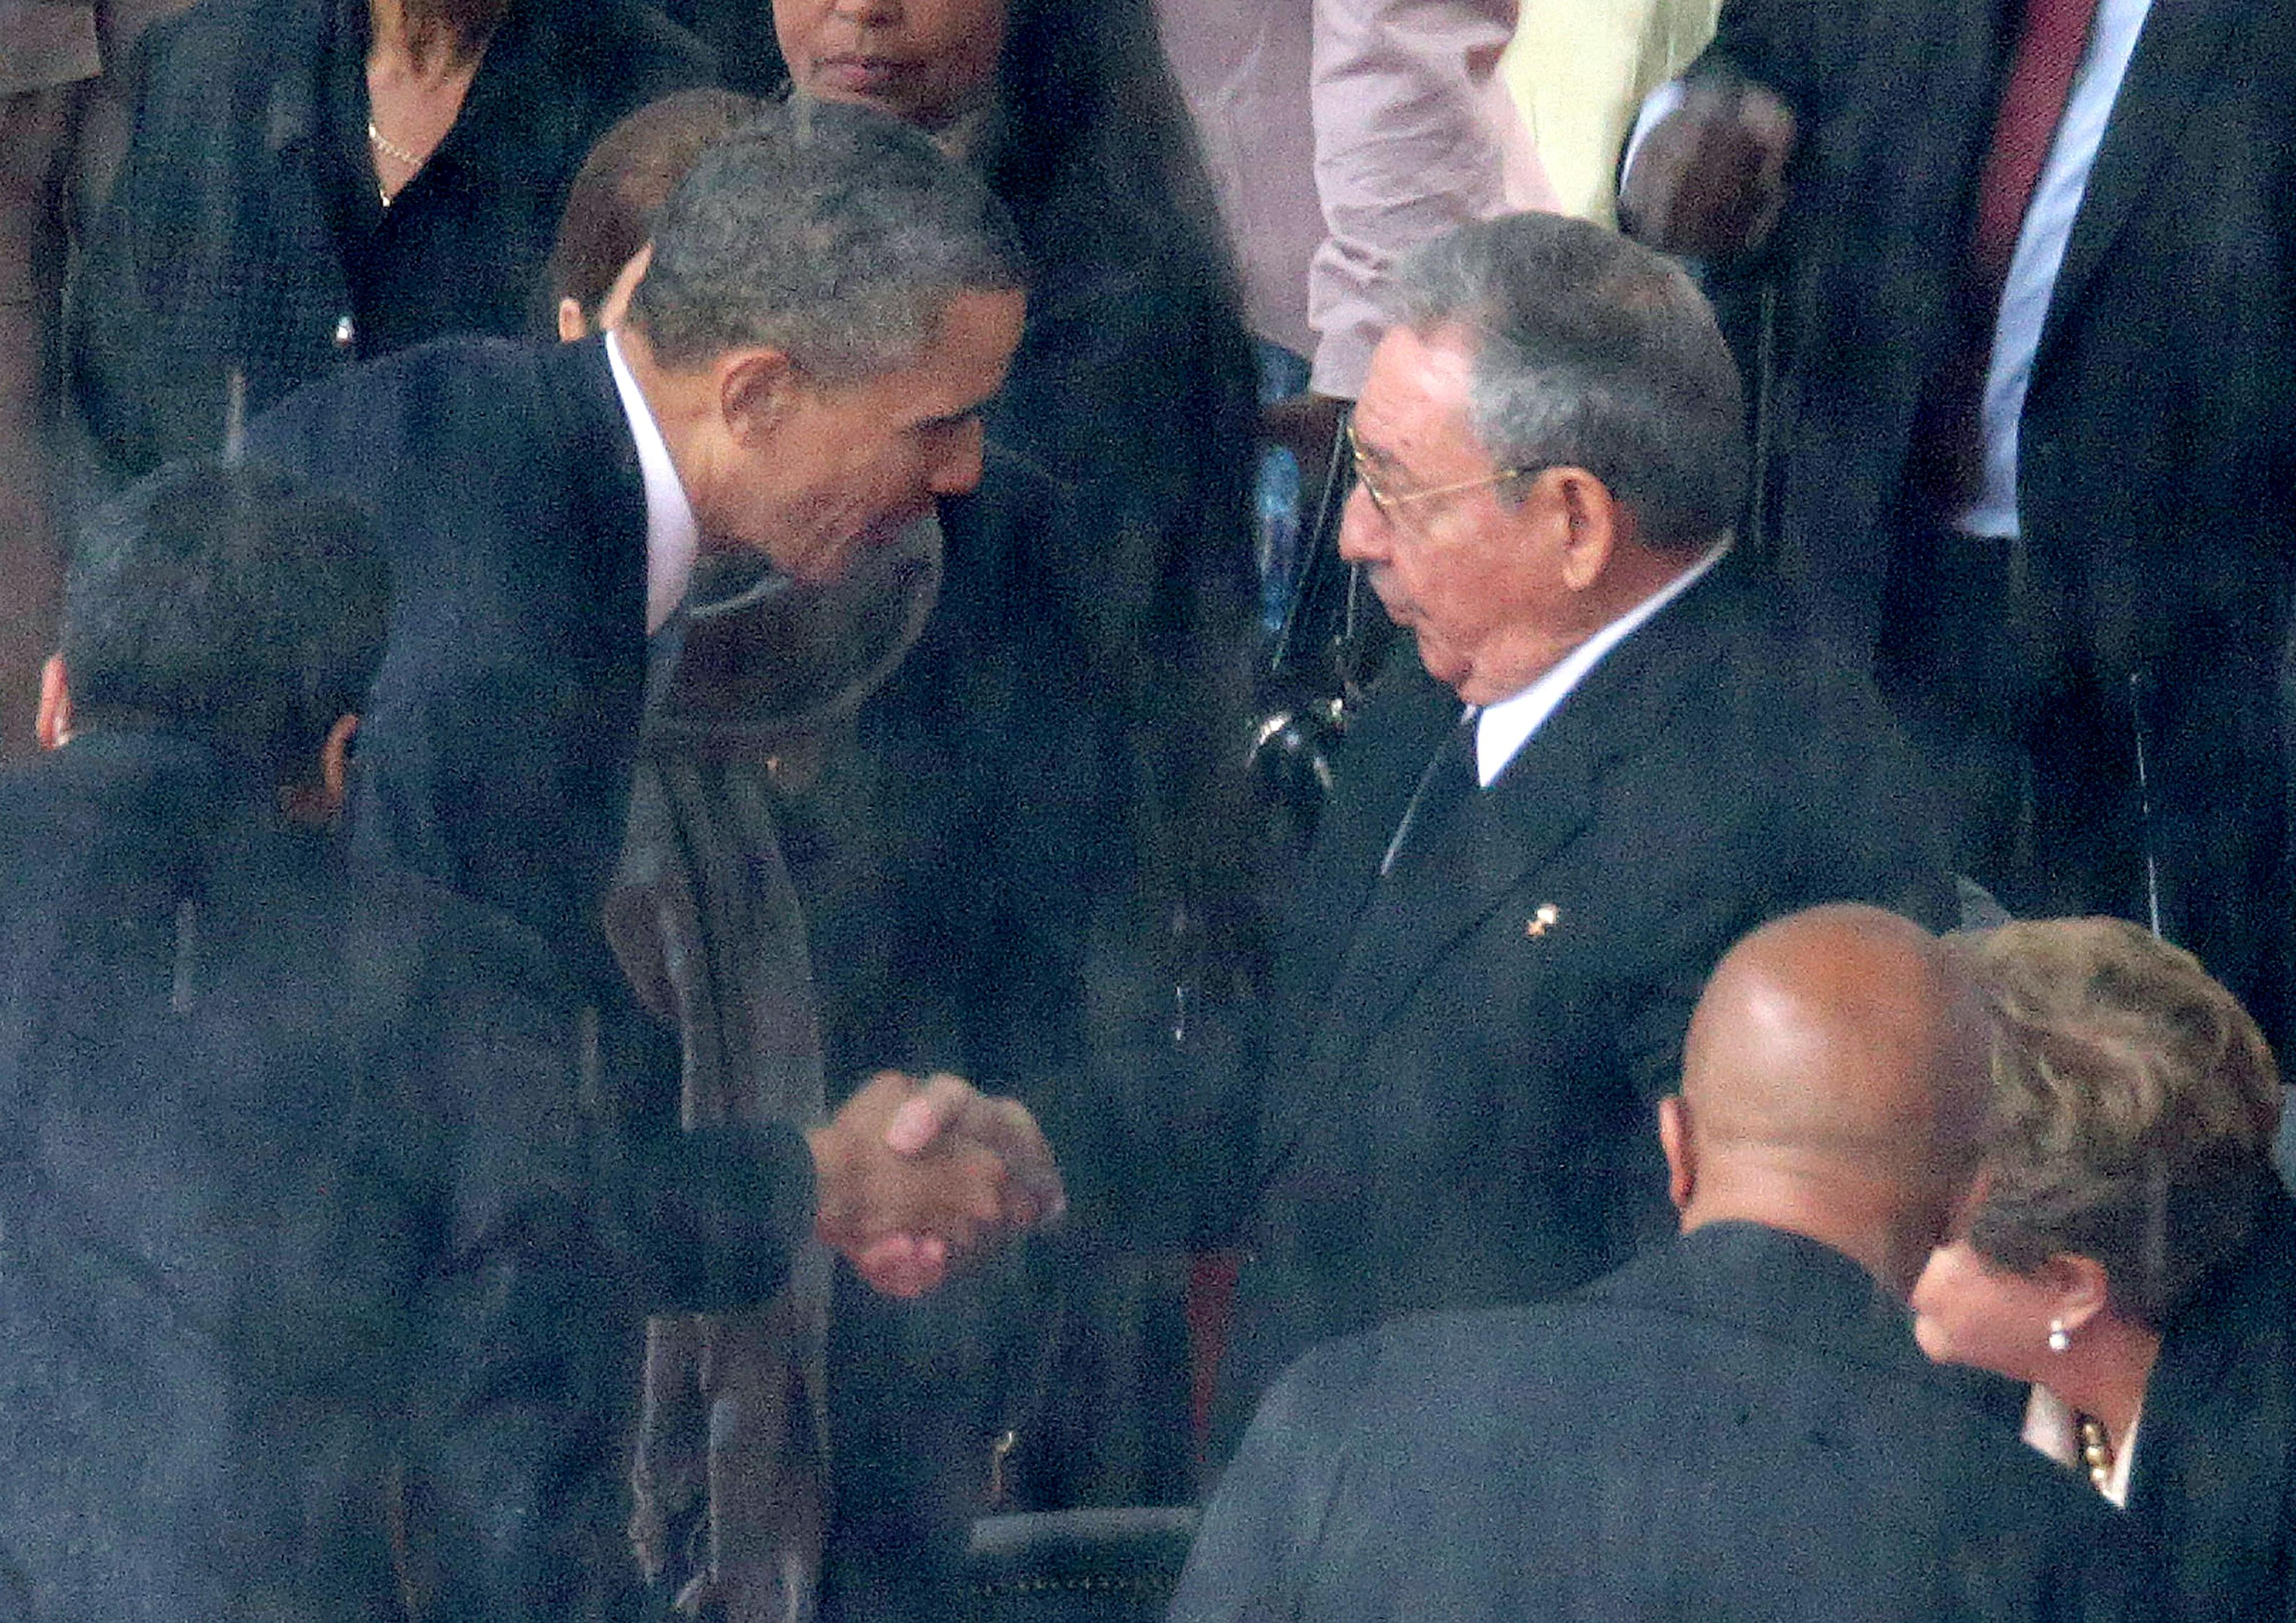 Fazendo história: Cuba e EUA, entenda a retomada do diálogo após 53 anos de distanciamento